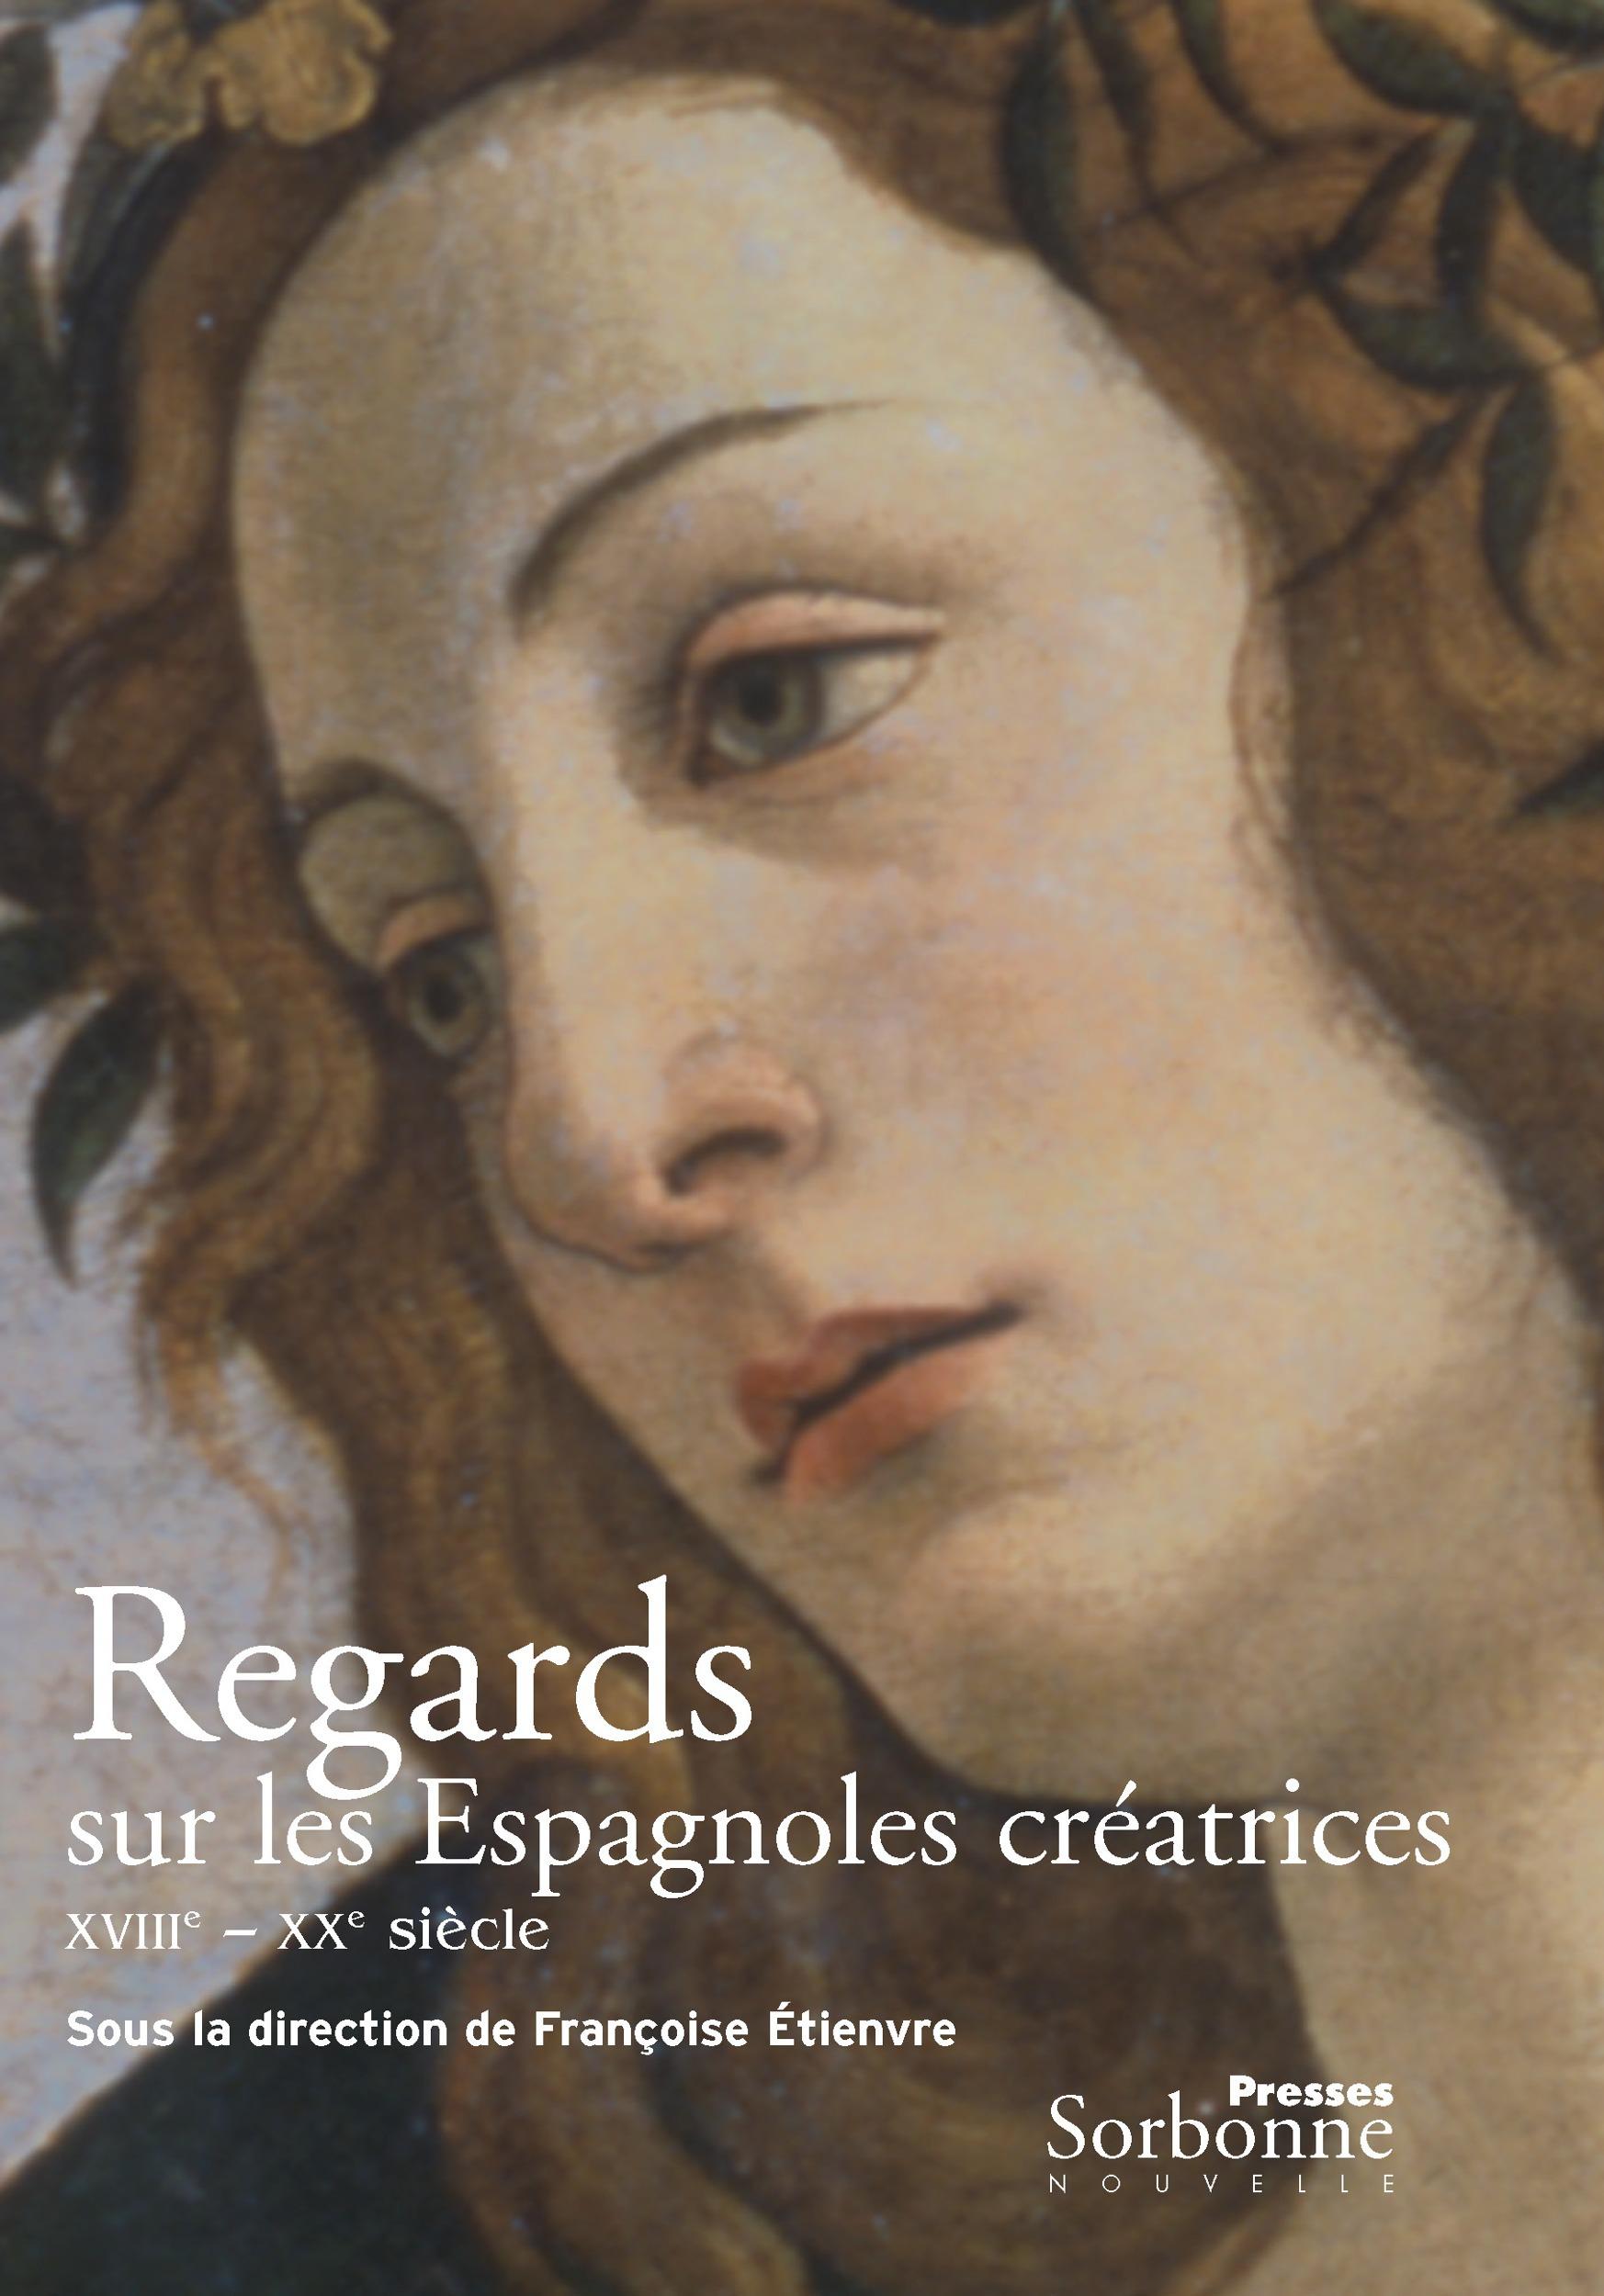 Regards sur les espagnoles creatrices, 18-20e siecles